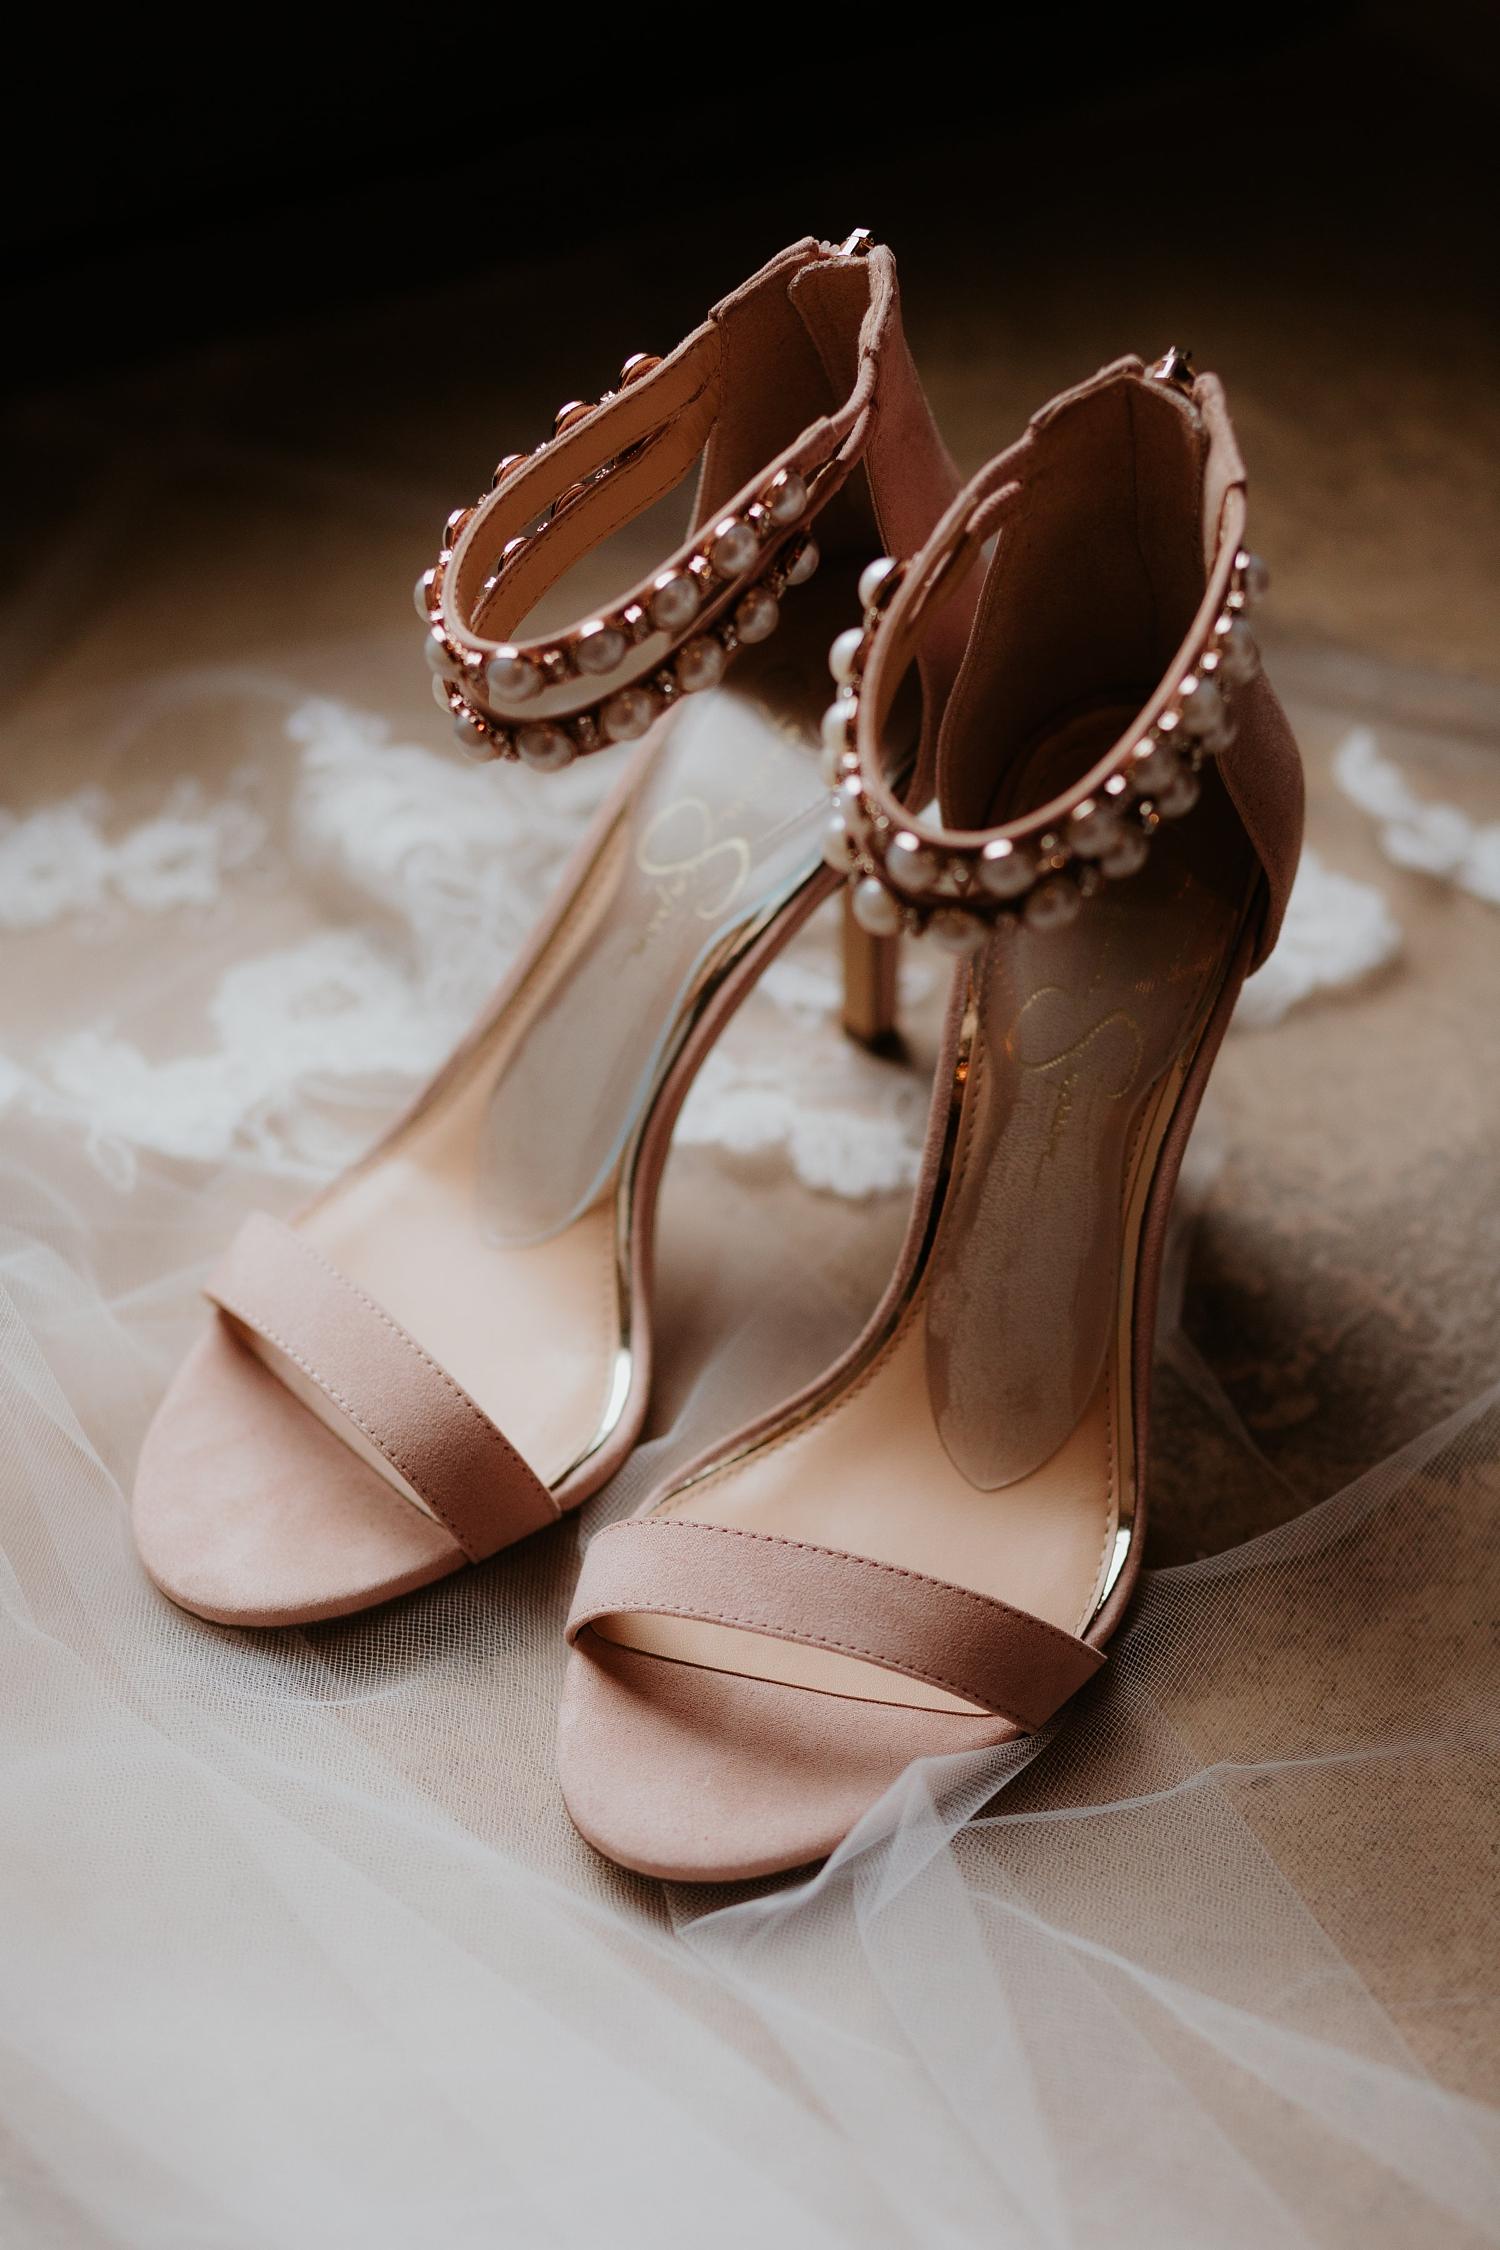 Alicia+lucia+photography+-+albuquerque+wedding+photographer+-+santa+fe+wedding+photography+-+new+mexico+wedding+photographer+-+wedding+bridal+shoe+-+wedding+style+edit_0002.jpg